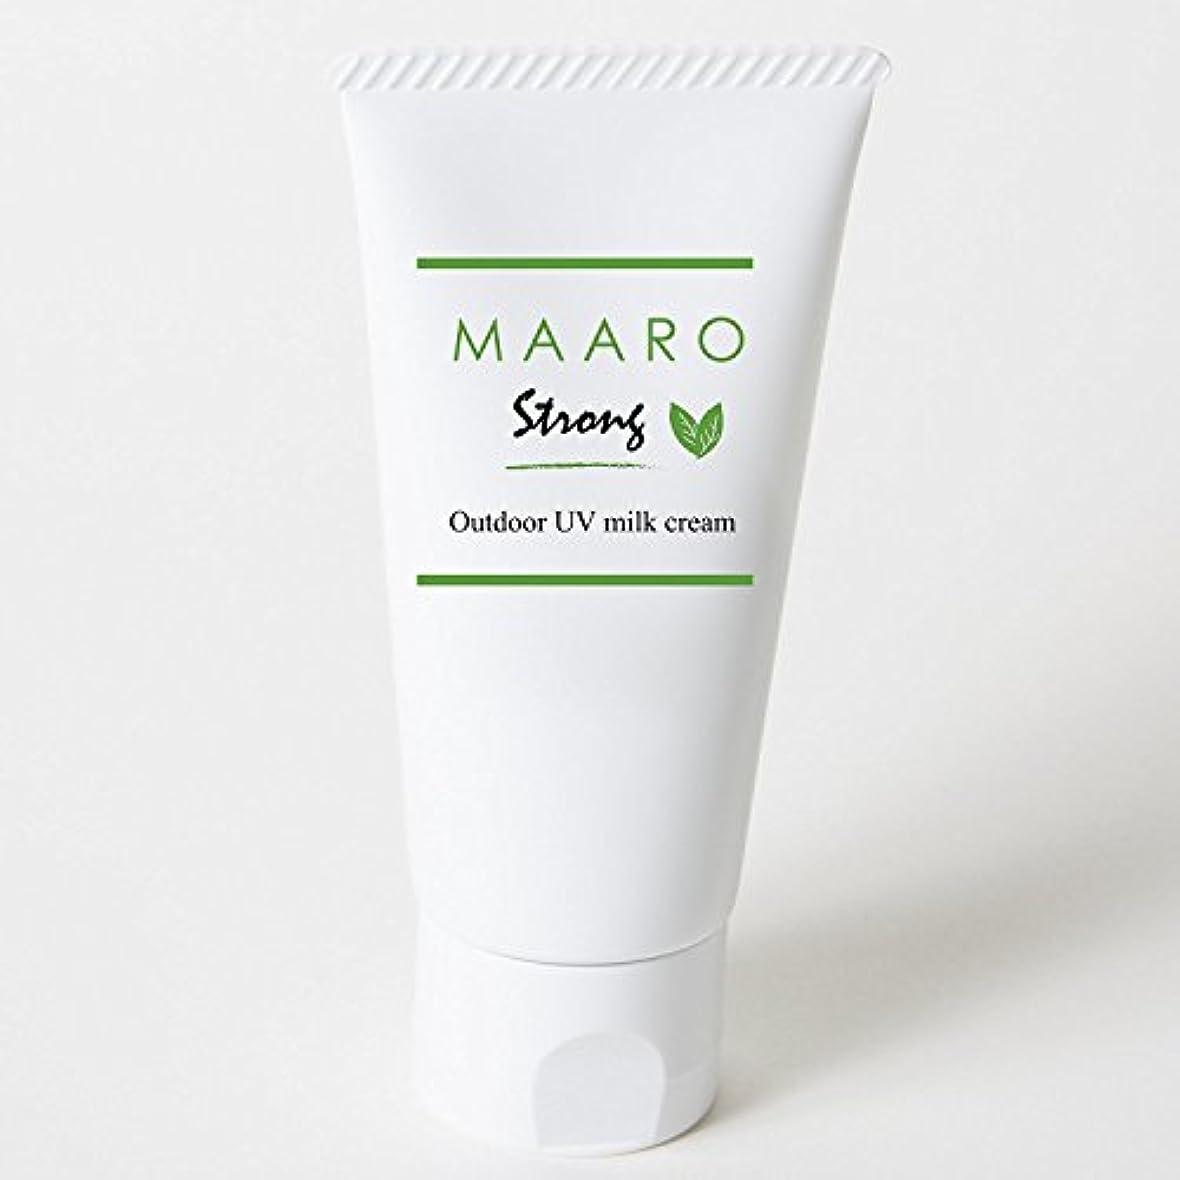 回想スリッパ失望させるMAARO Strong(マアロストロング)アロマミルククリーム SPF30、PA+++ 60ml